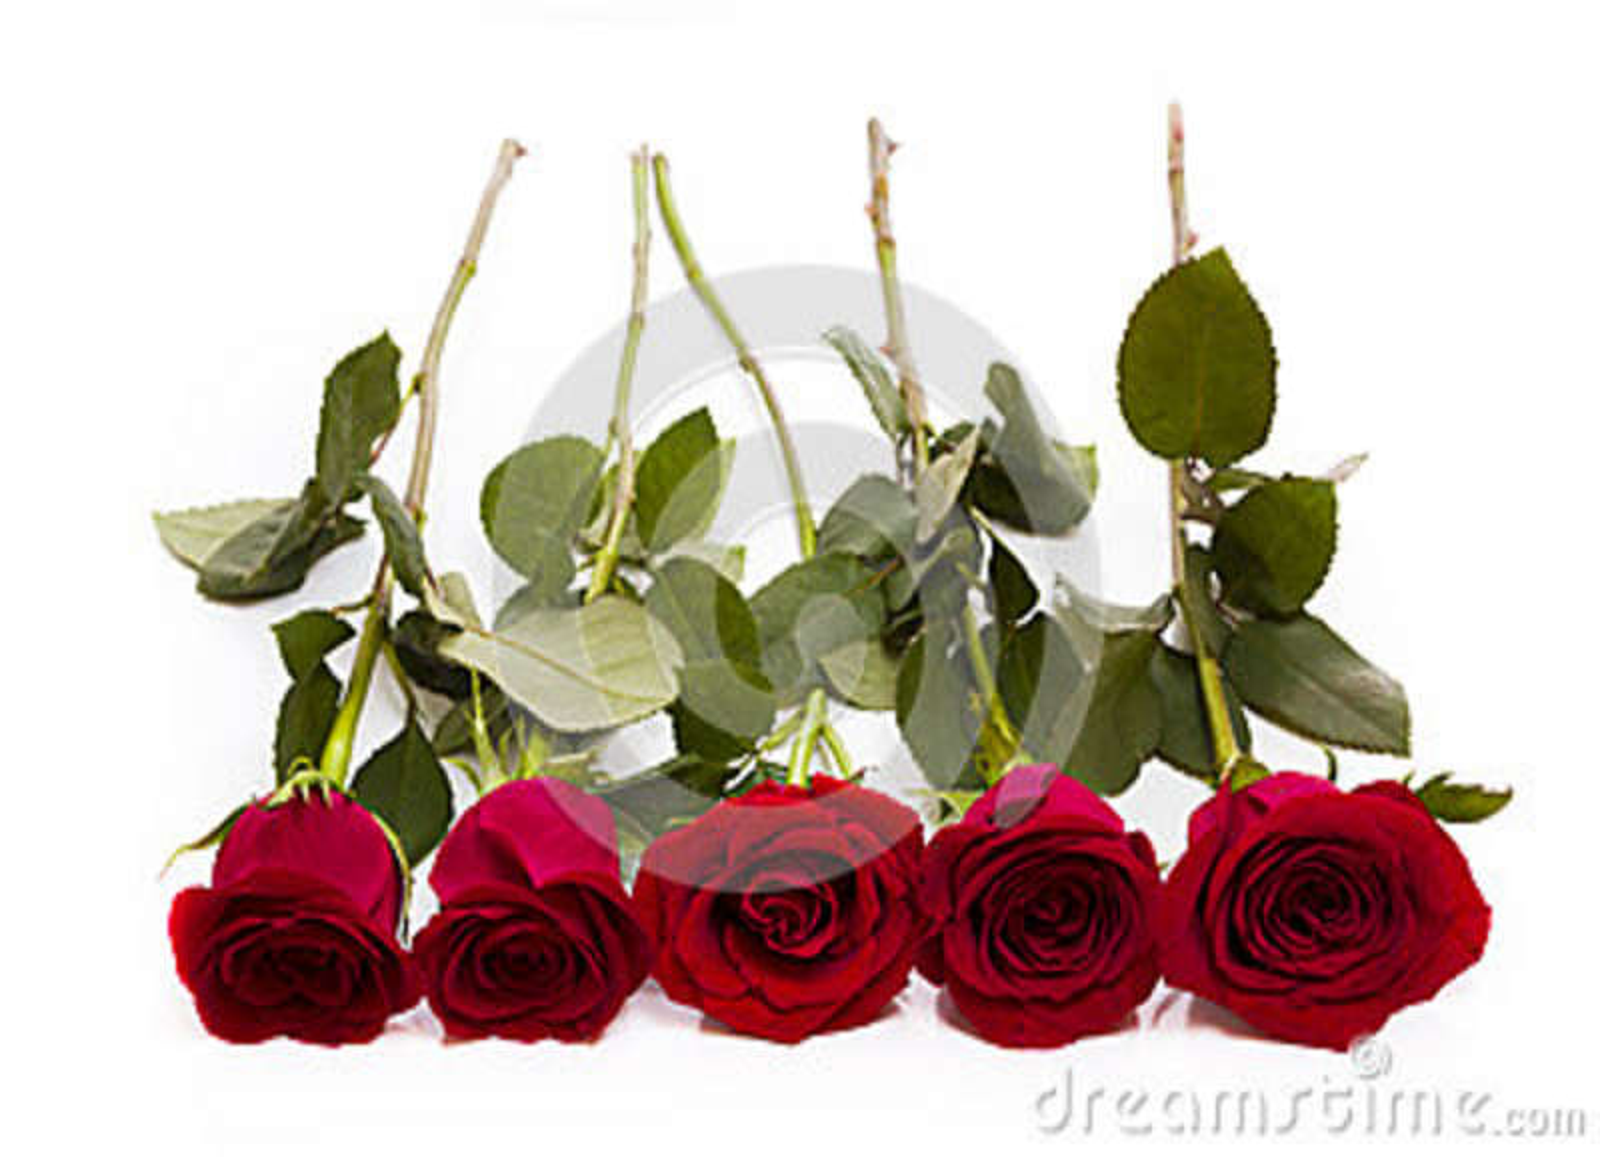 Download Rosas vermelhas foto de stock. Imagem de floral, levantou - 29243666